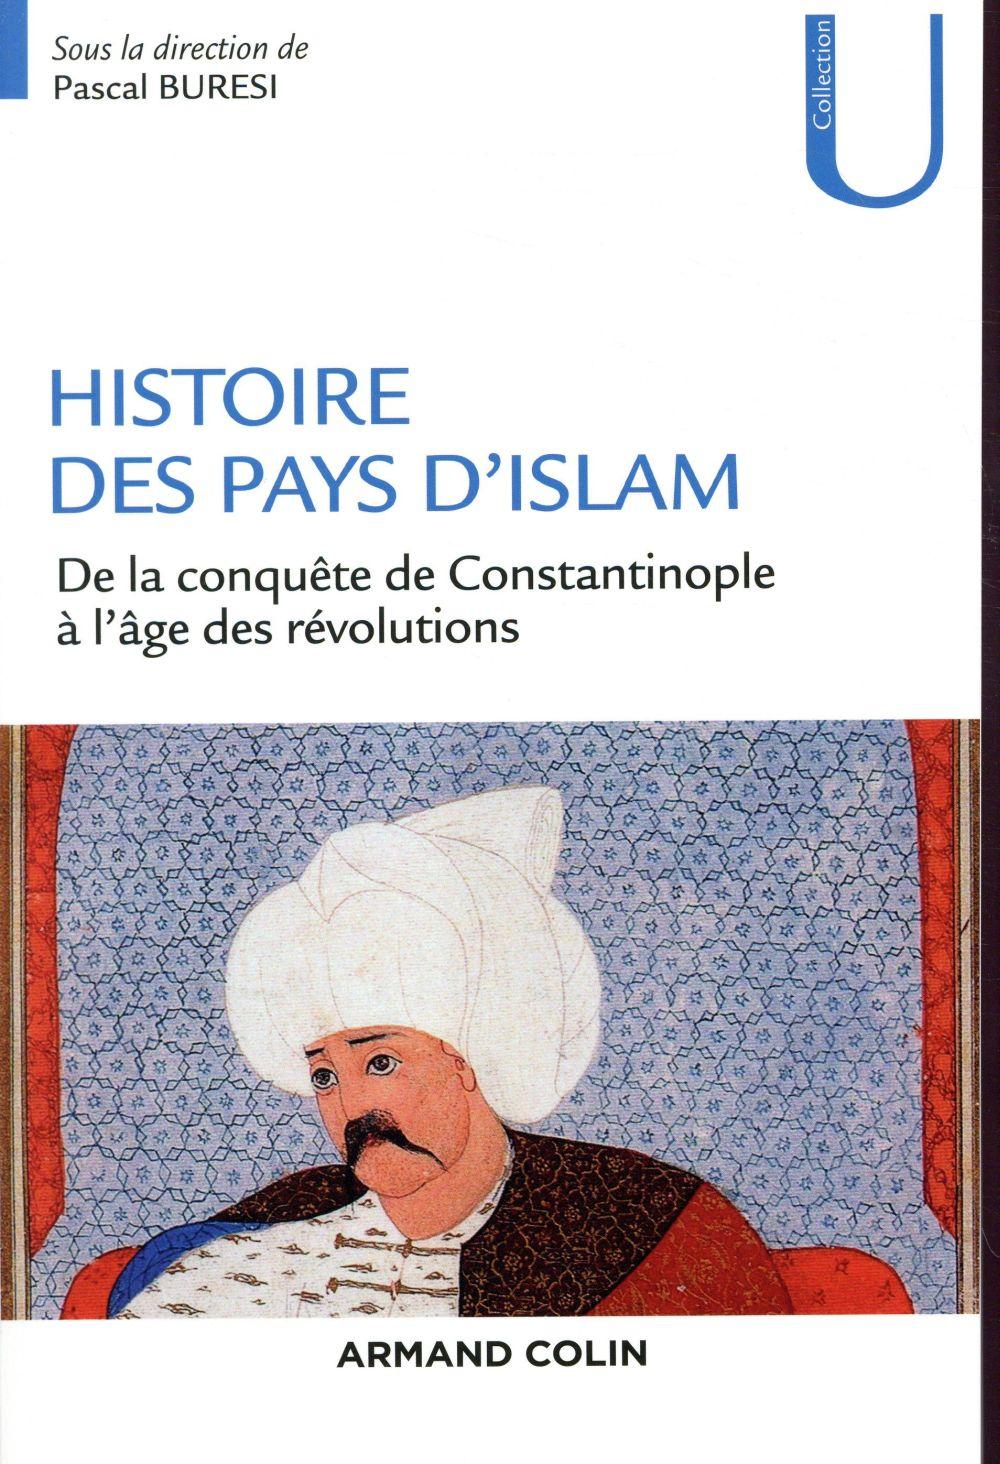 Histoire des pays d'Islam ; de la conquête de Constantinople à l'âge des révolutions